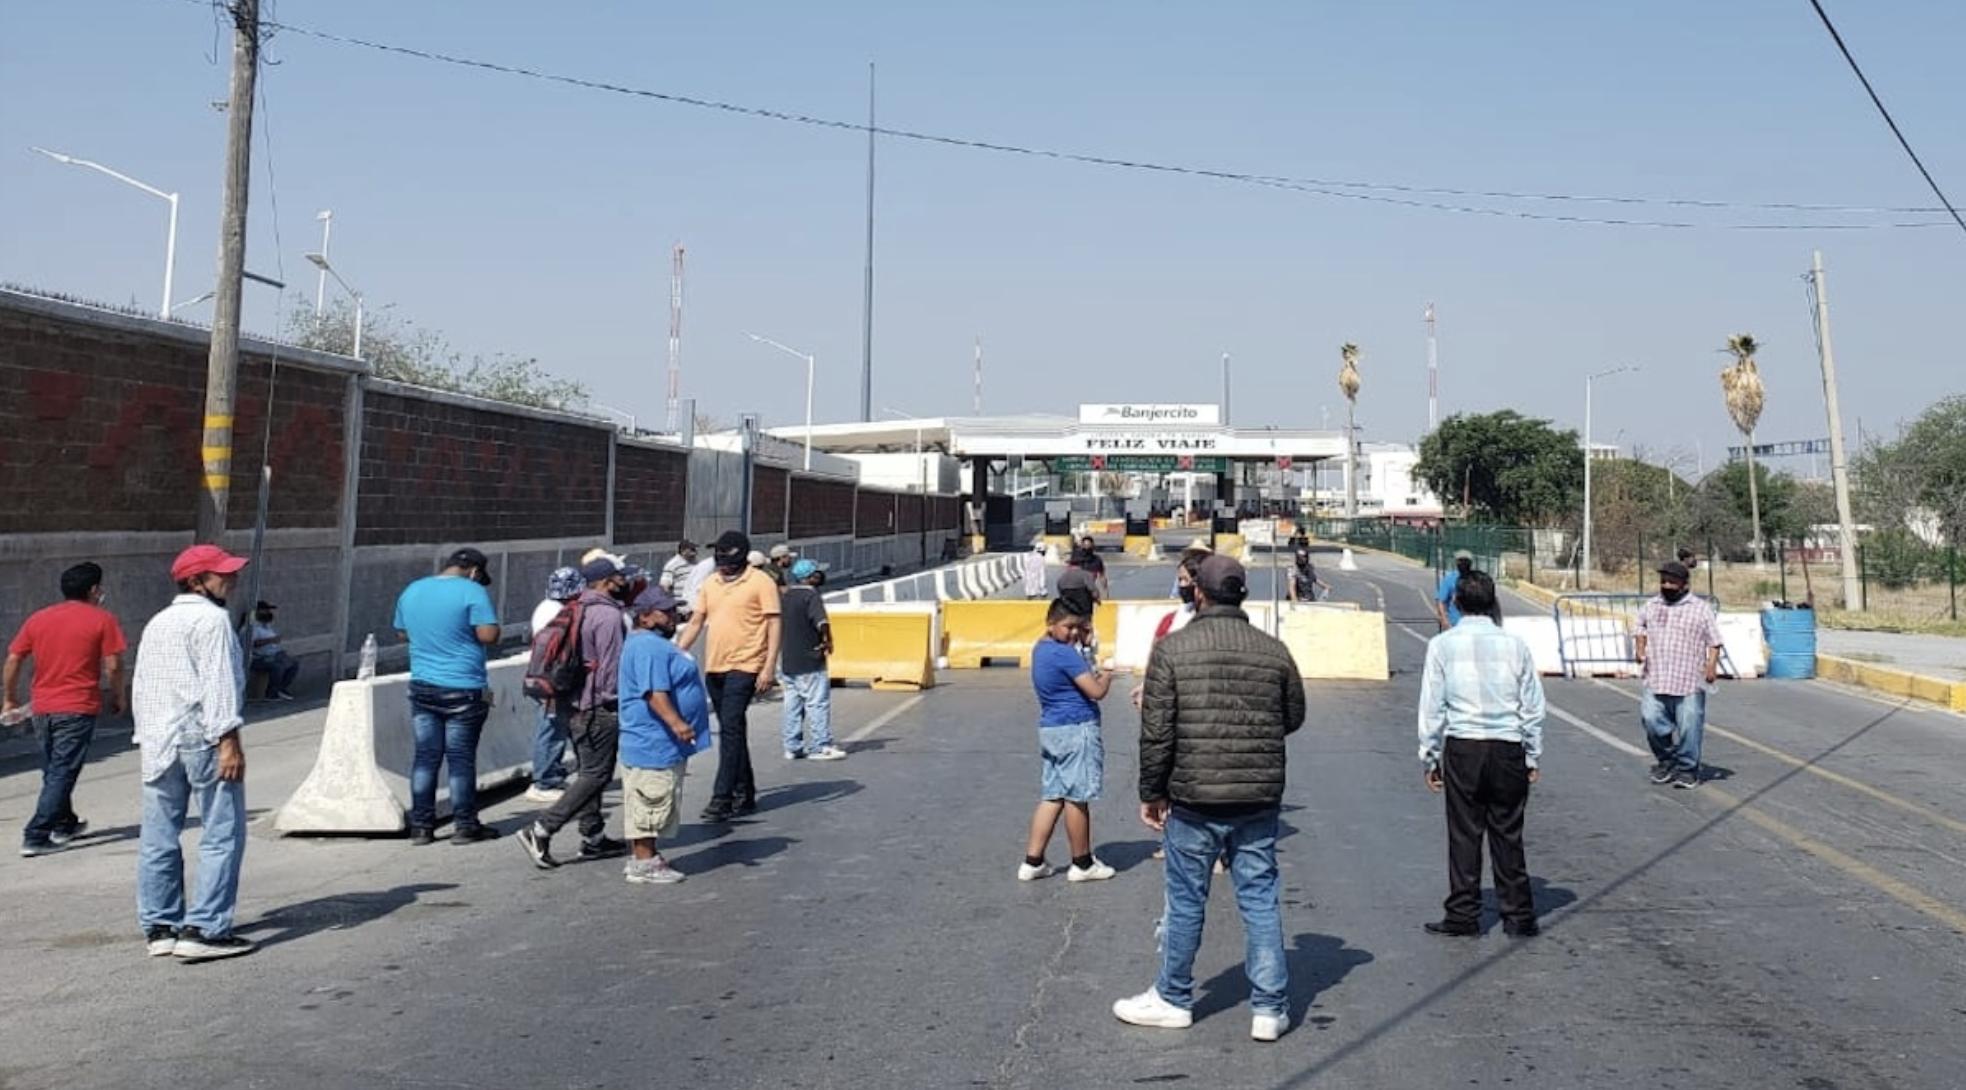 Impunity in Nuevo Laredo